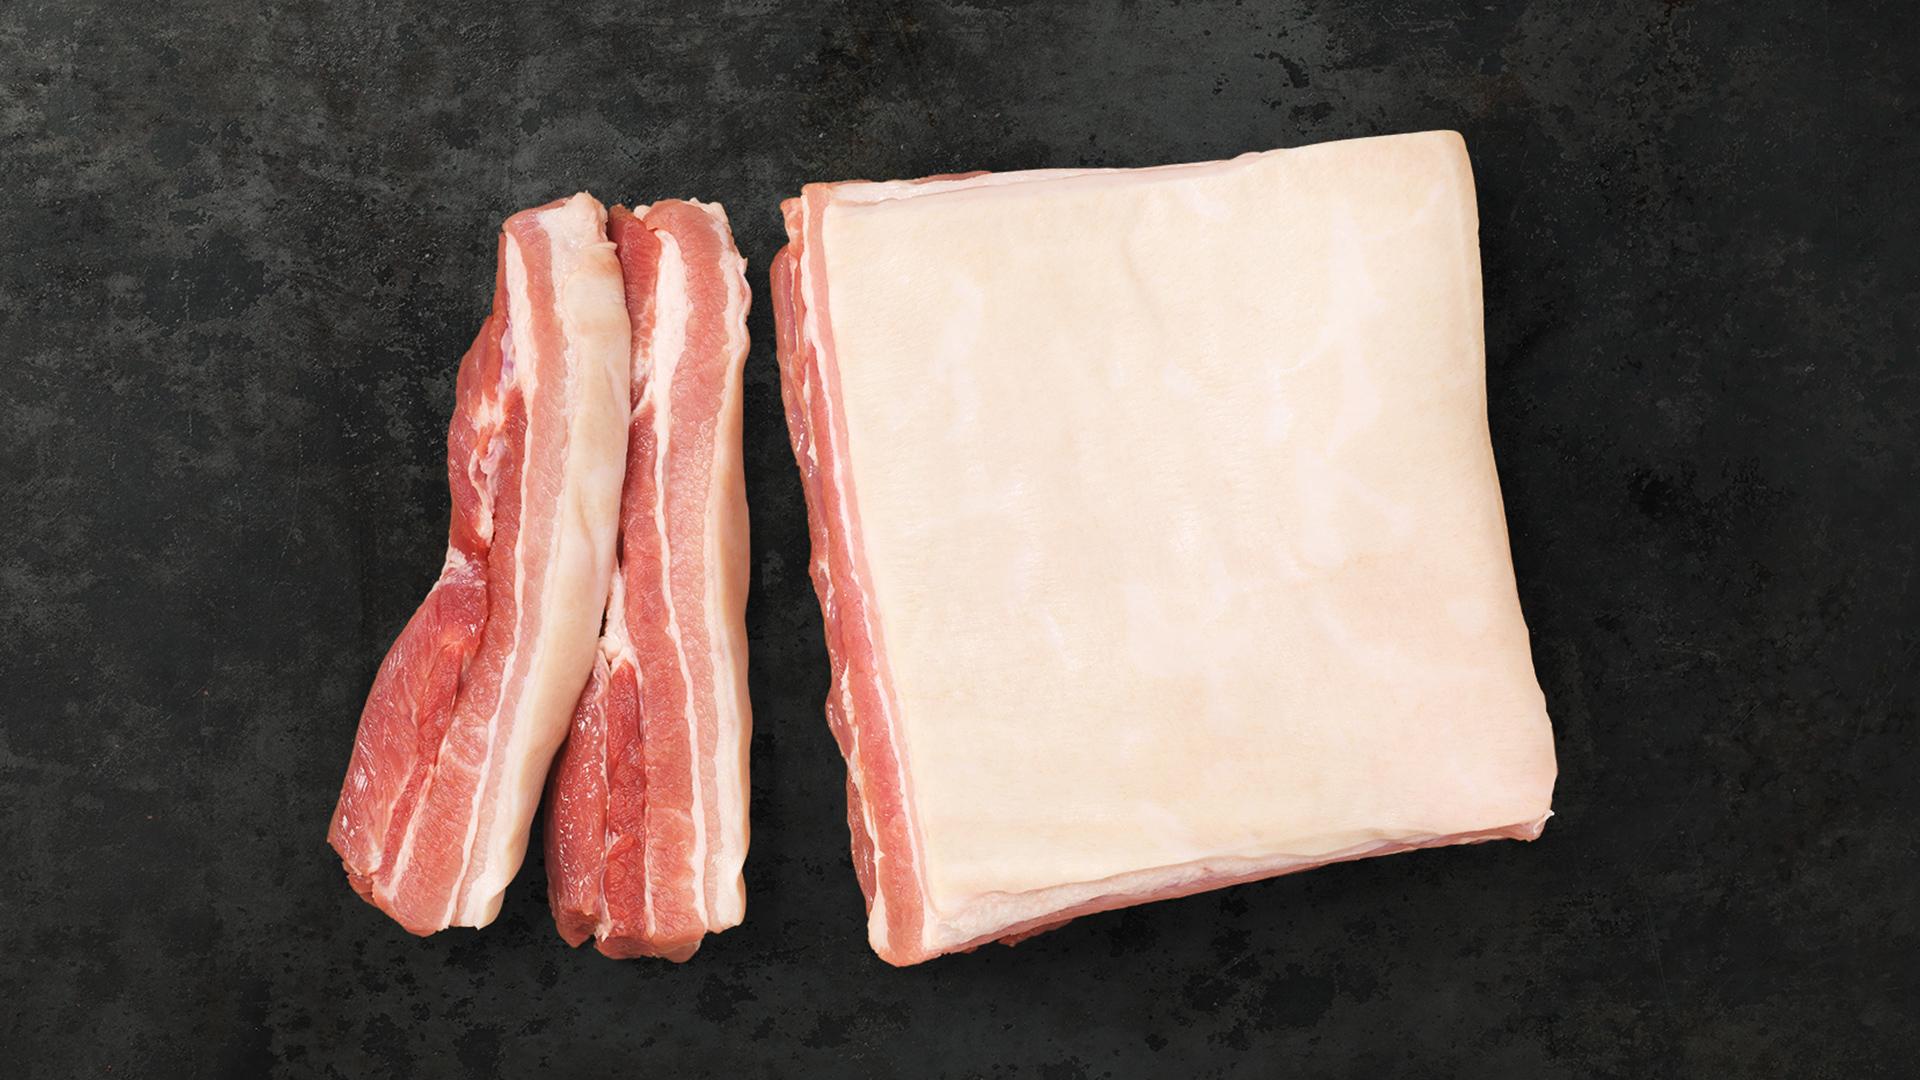 Bauchfleisch im Ganzen